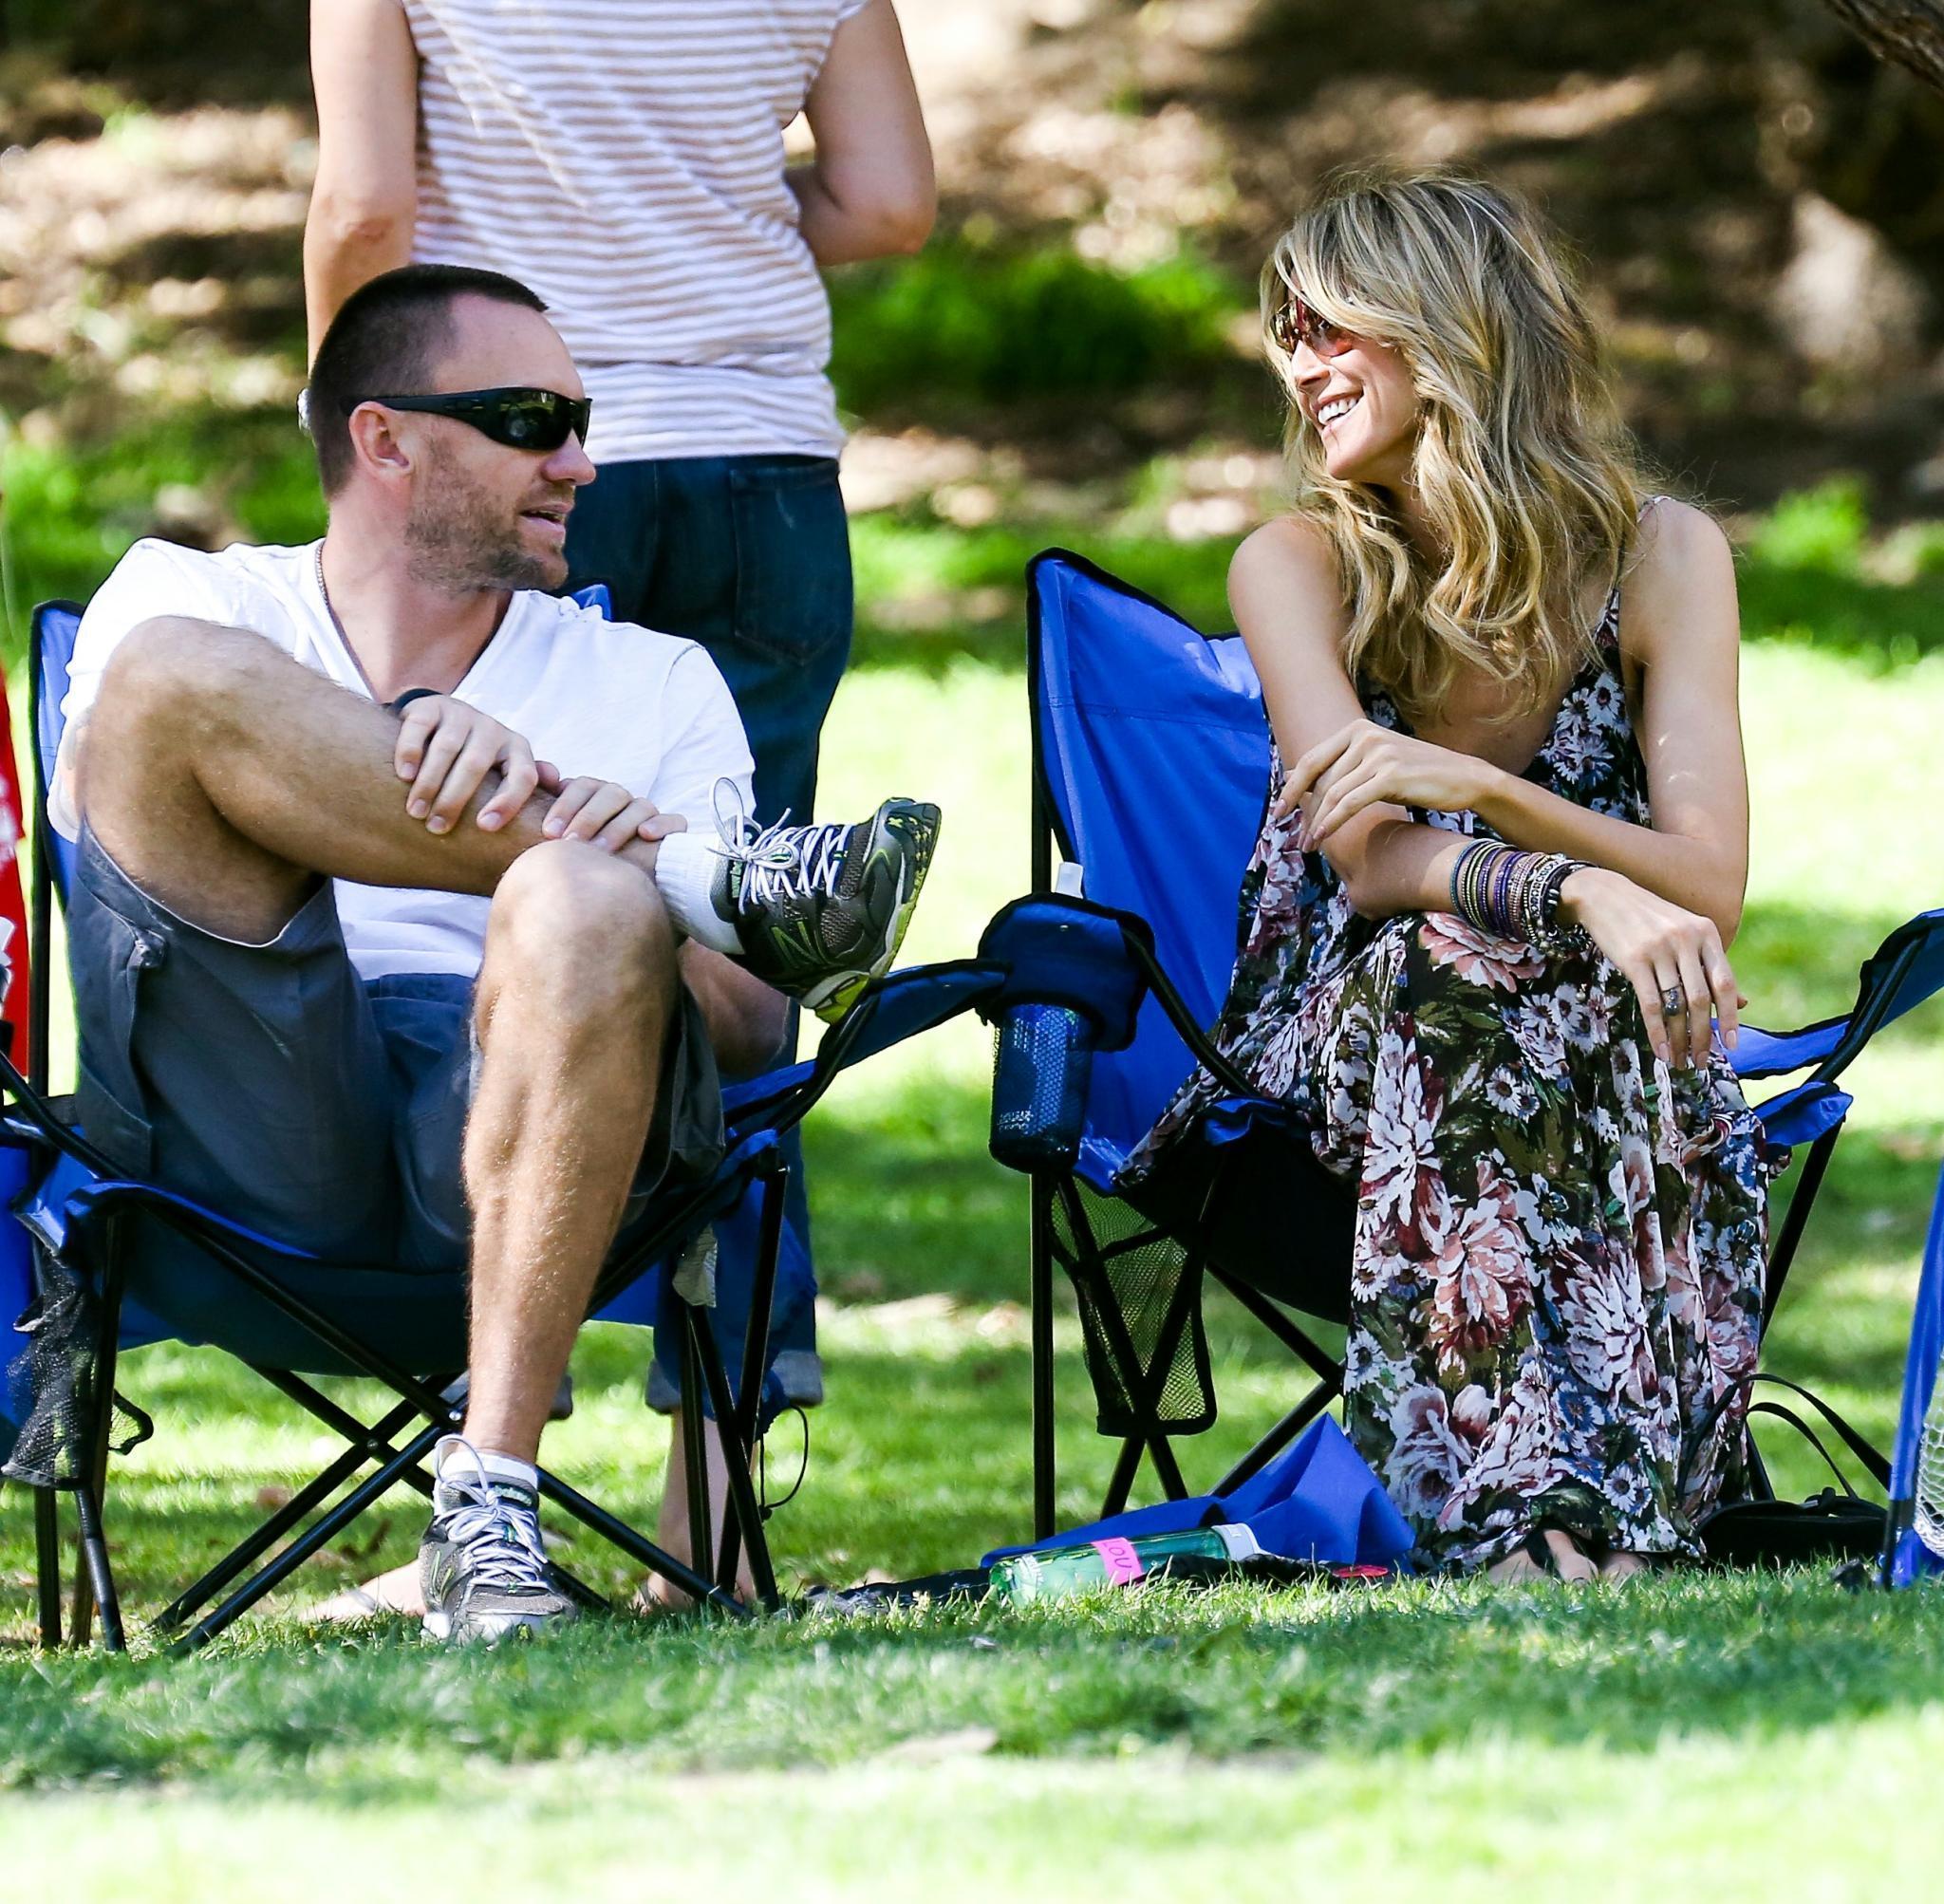 """Verliebte Blicke: Heidi Klum mit Martin Kirsten am Wochenende am Rande eines Kinder-Fußballspiels.""""Mir geht es gut"""", sagt sie ein Jahr nach der Trennung von Seal."""